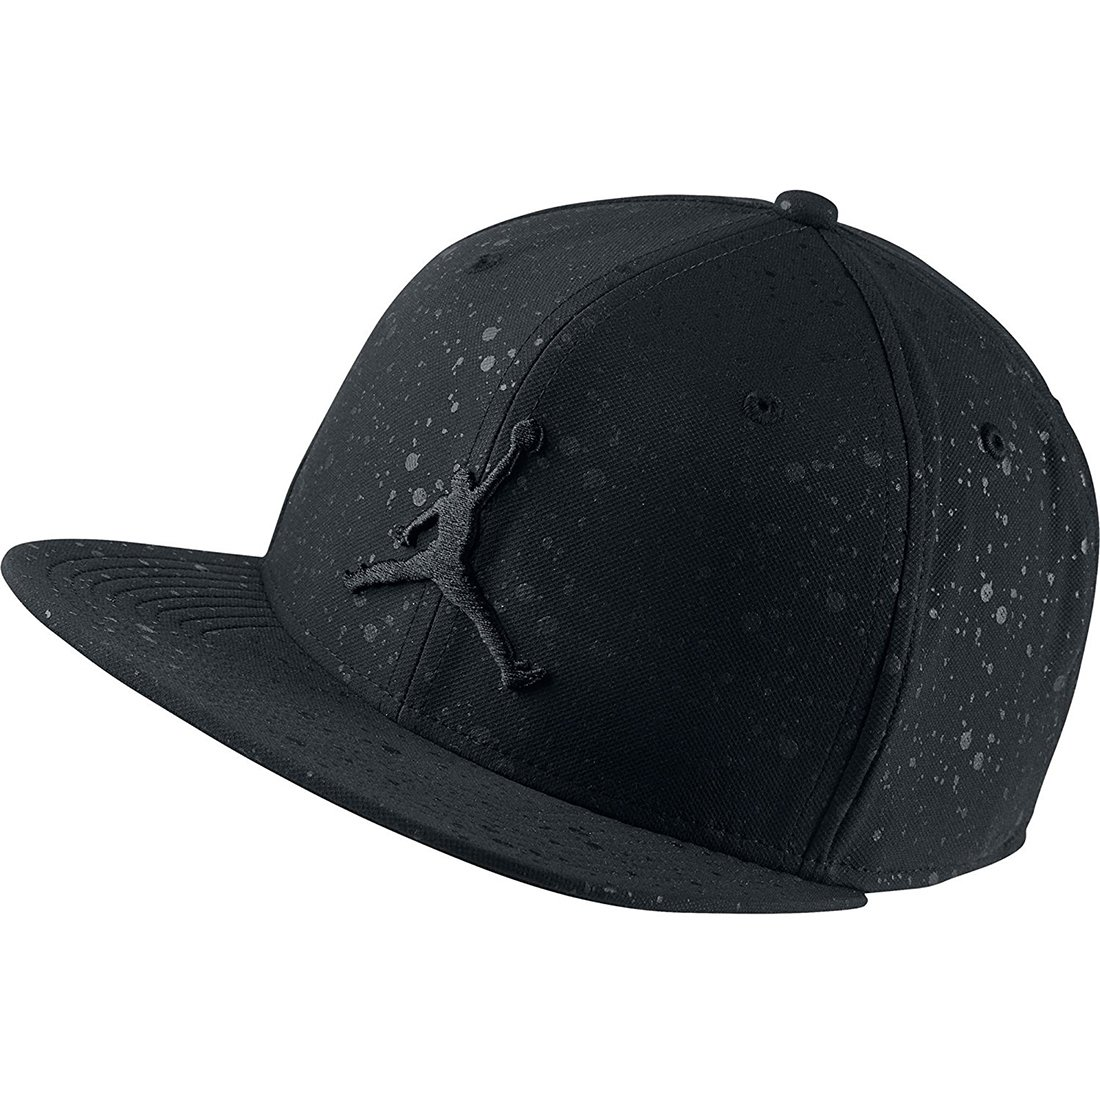 Jordan Nike Mens Speckle Print Snapback Hat Black/Black 821830-011 by Jordan